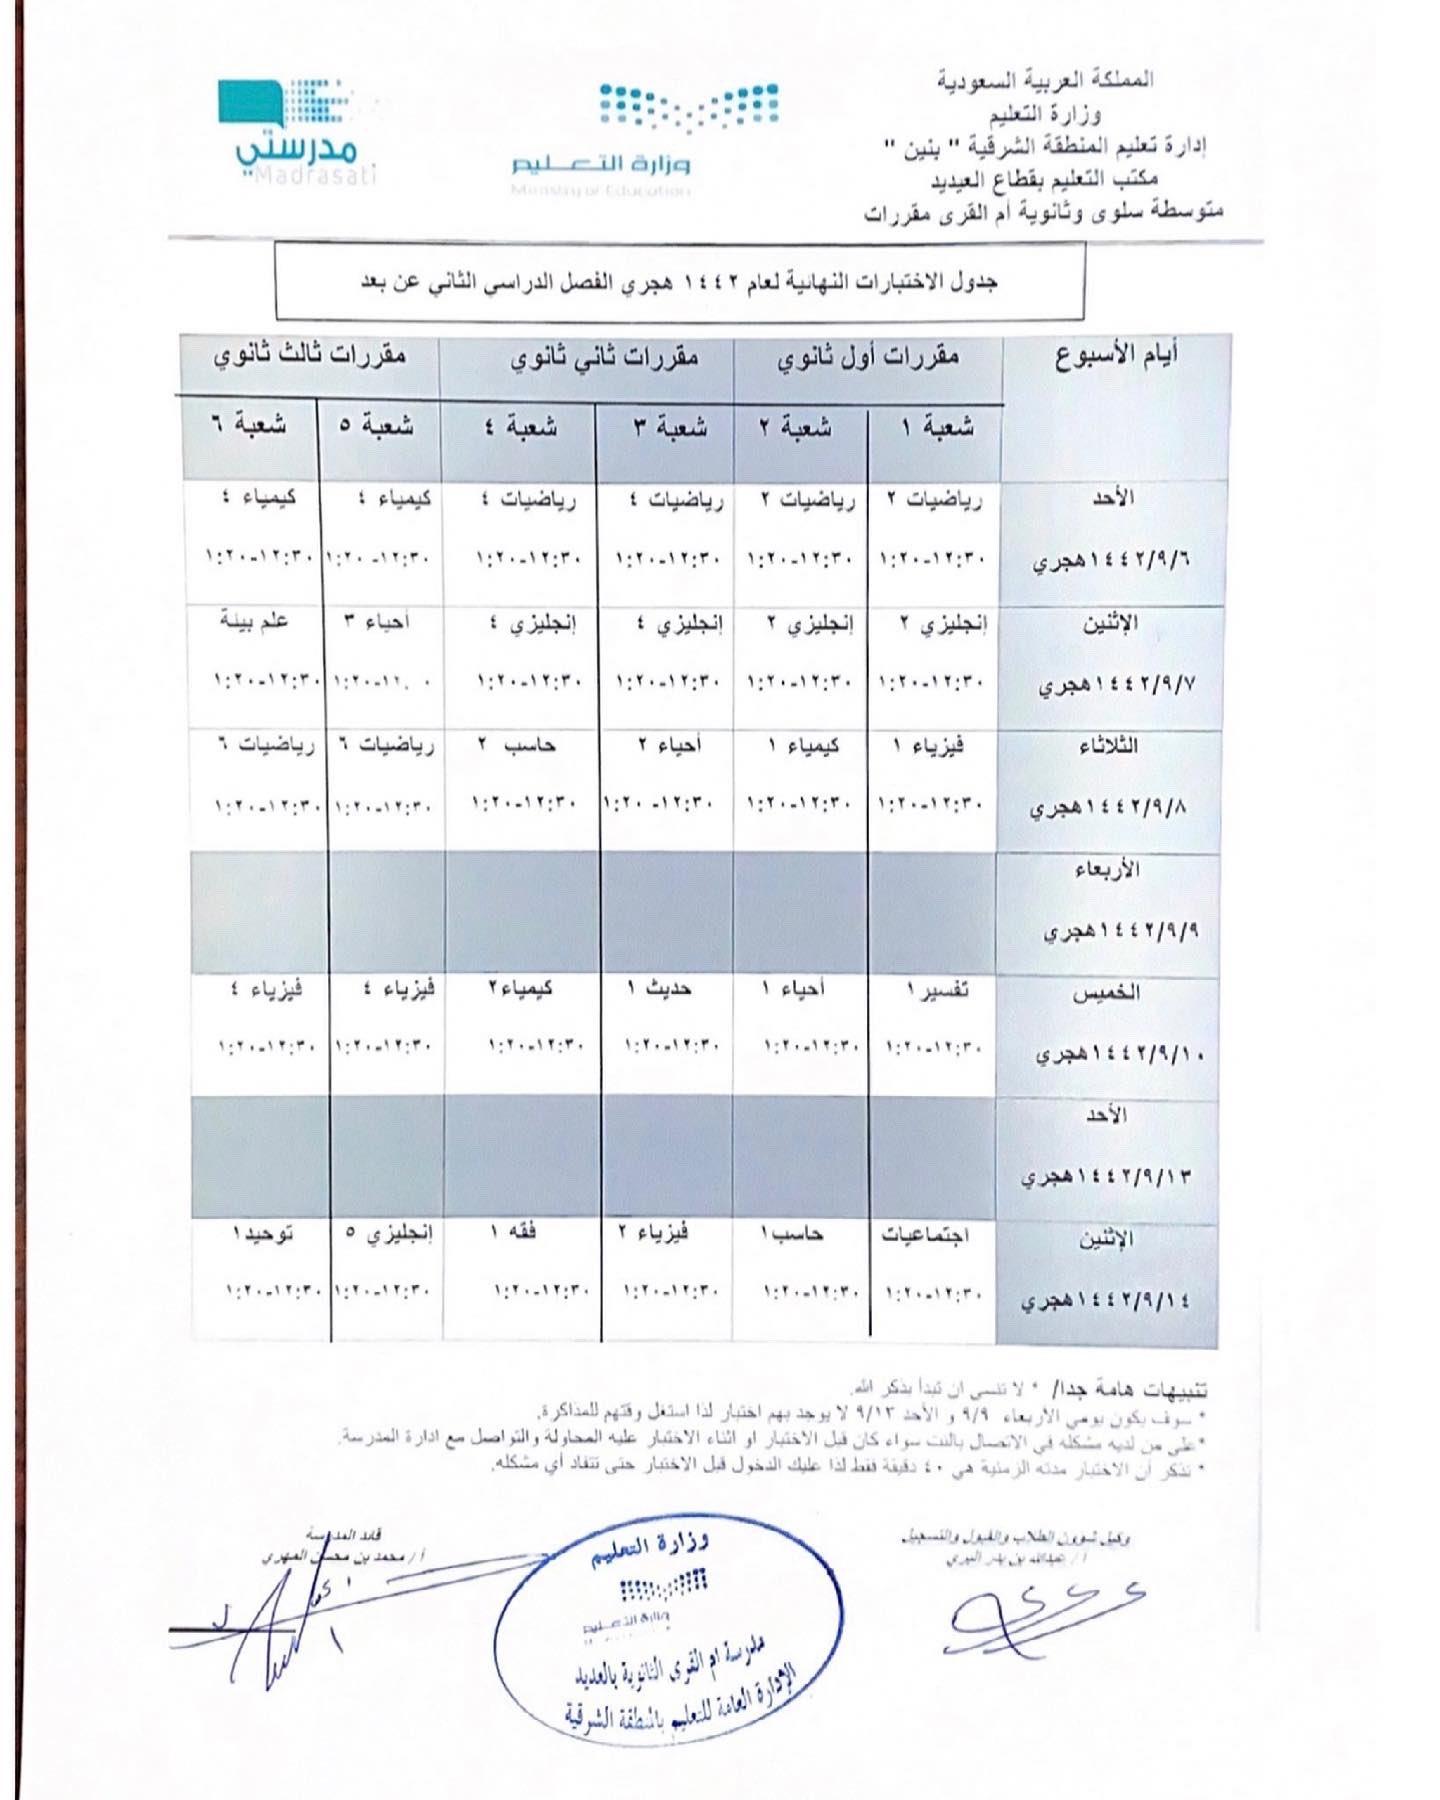 جدول الاختبارات النهائية لطلاب المملكة العربية السعودية الفصل الثاني 1442